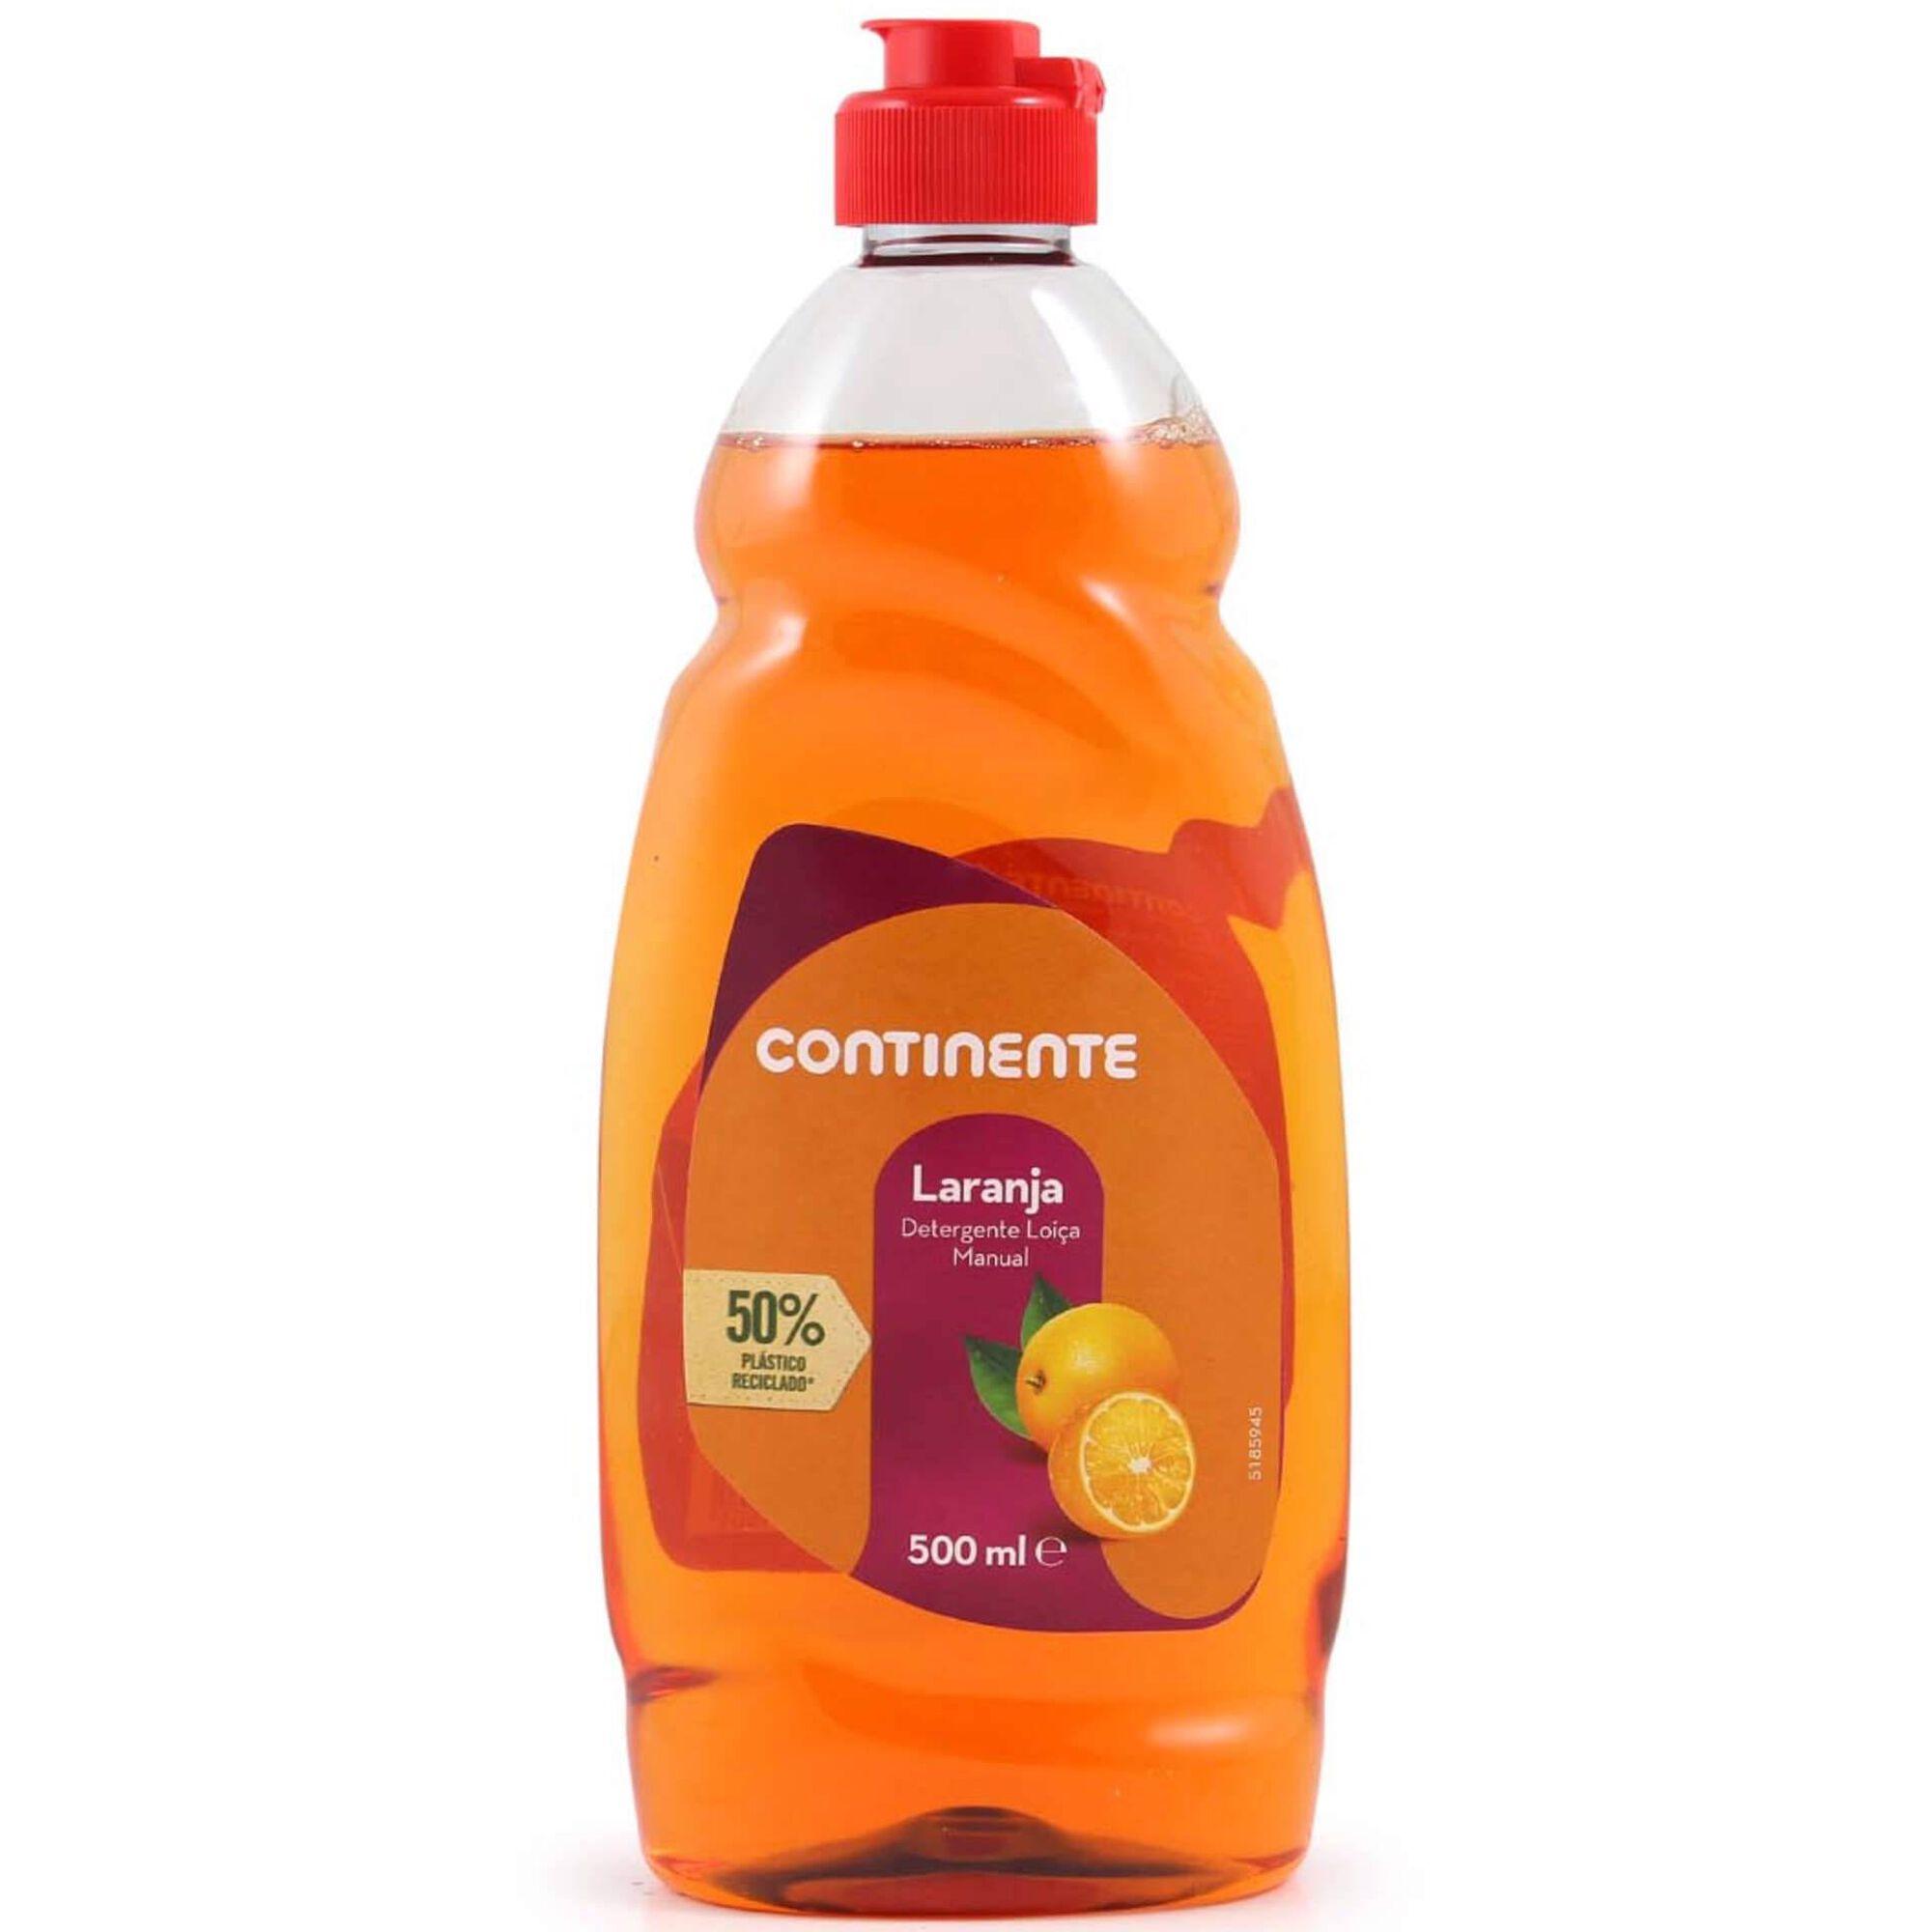 Detergente Manual Loiça Concentrado Laranja